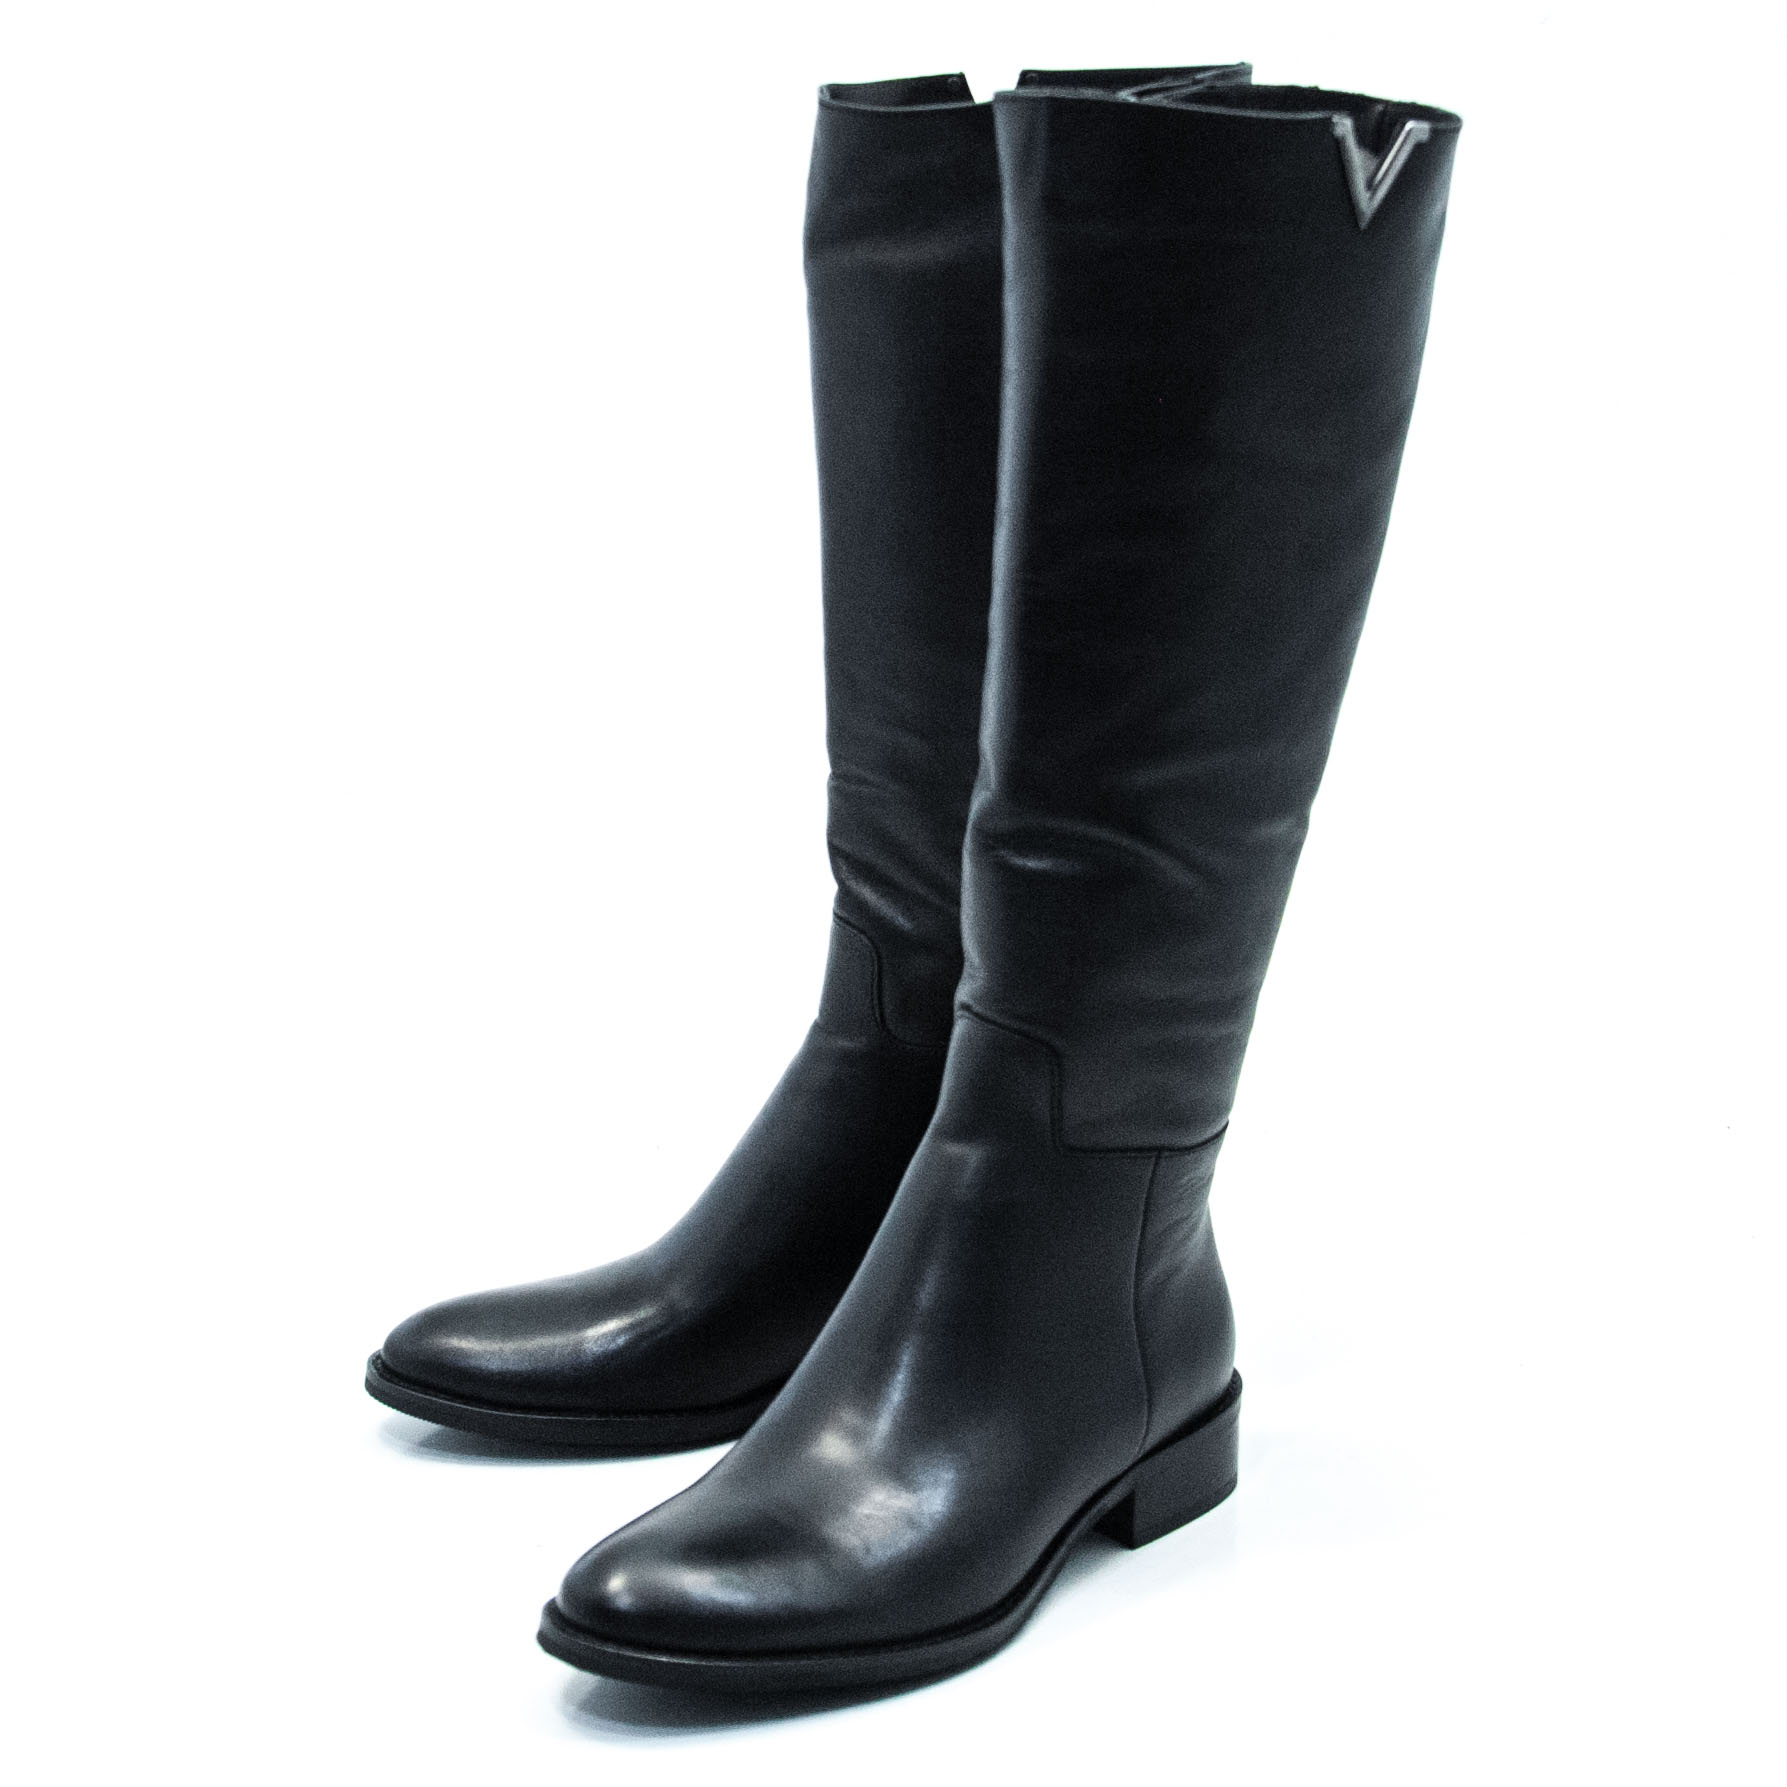 Γυναικεία μπότα χ. NEWZ 2163649